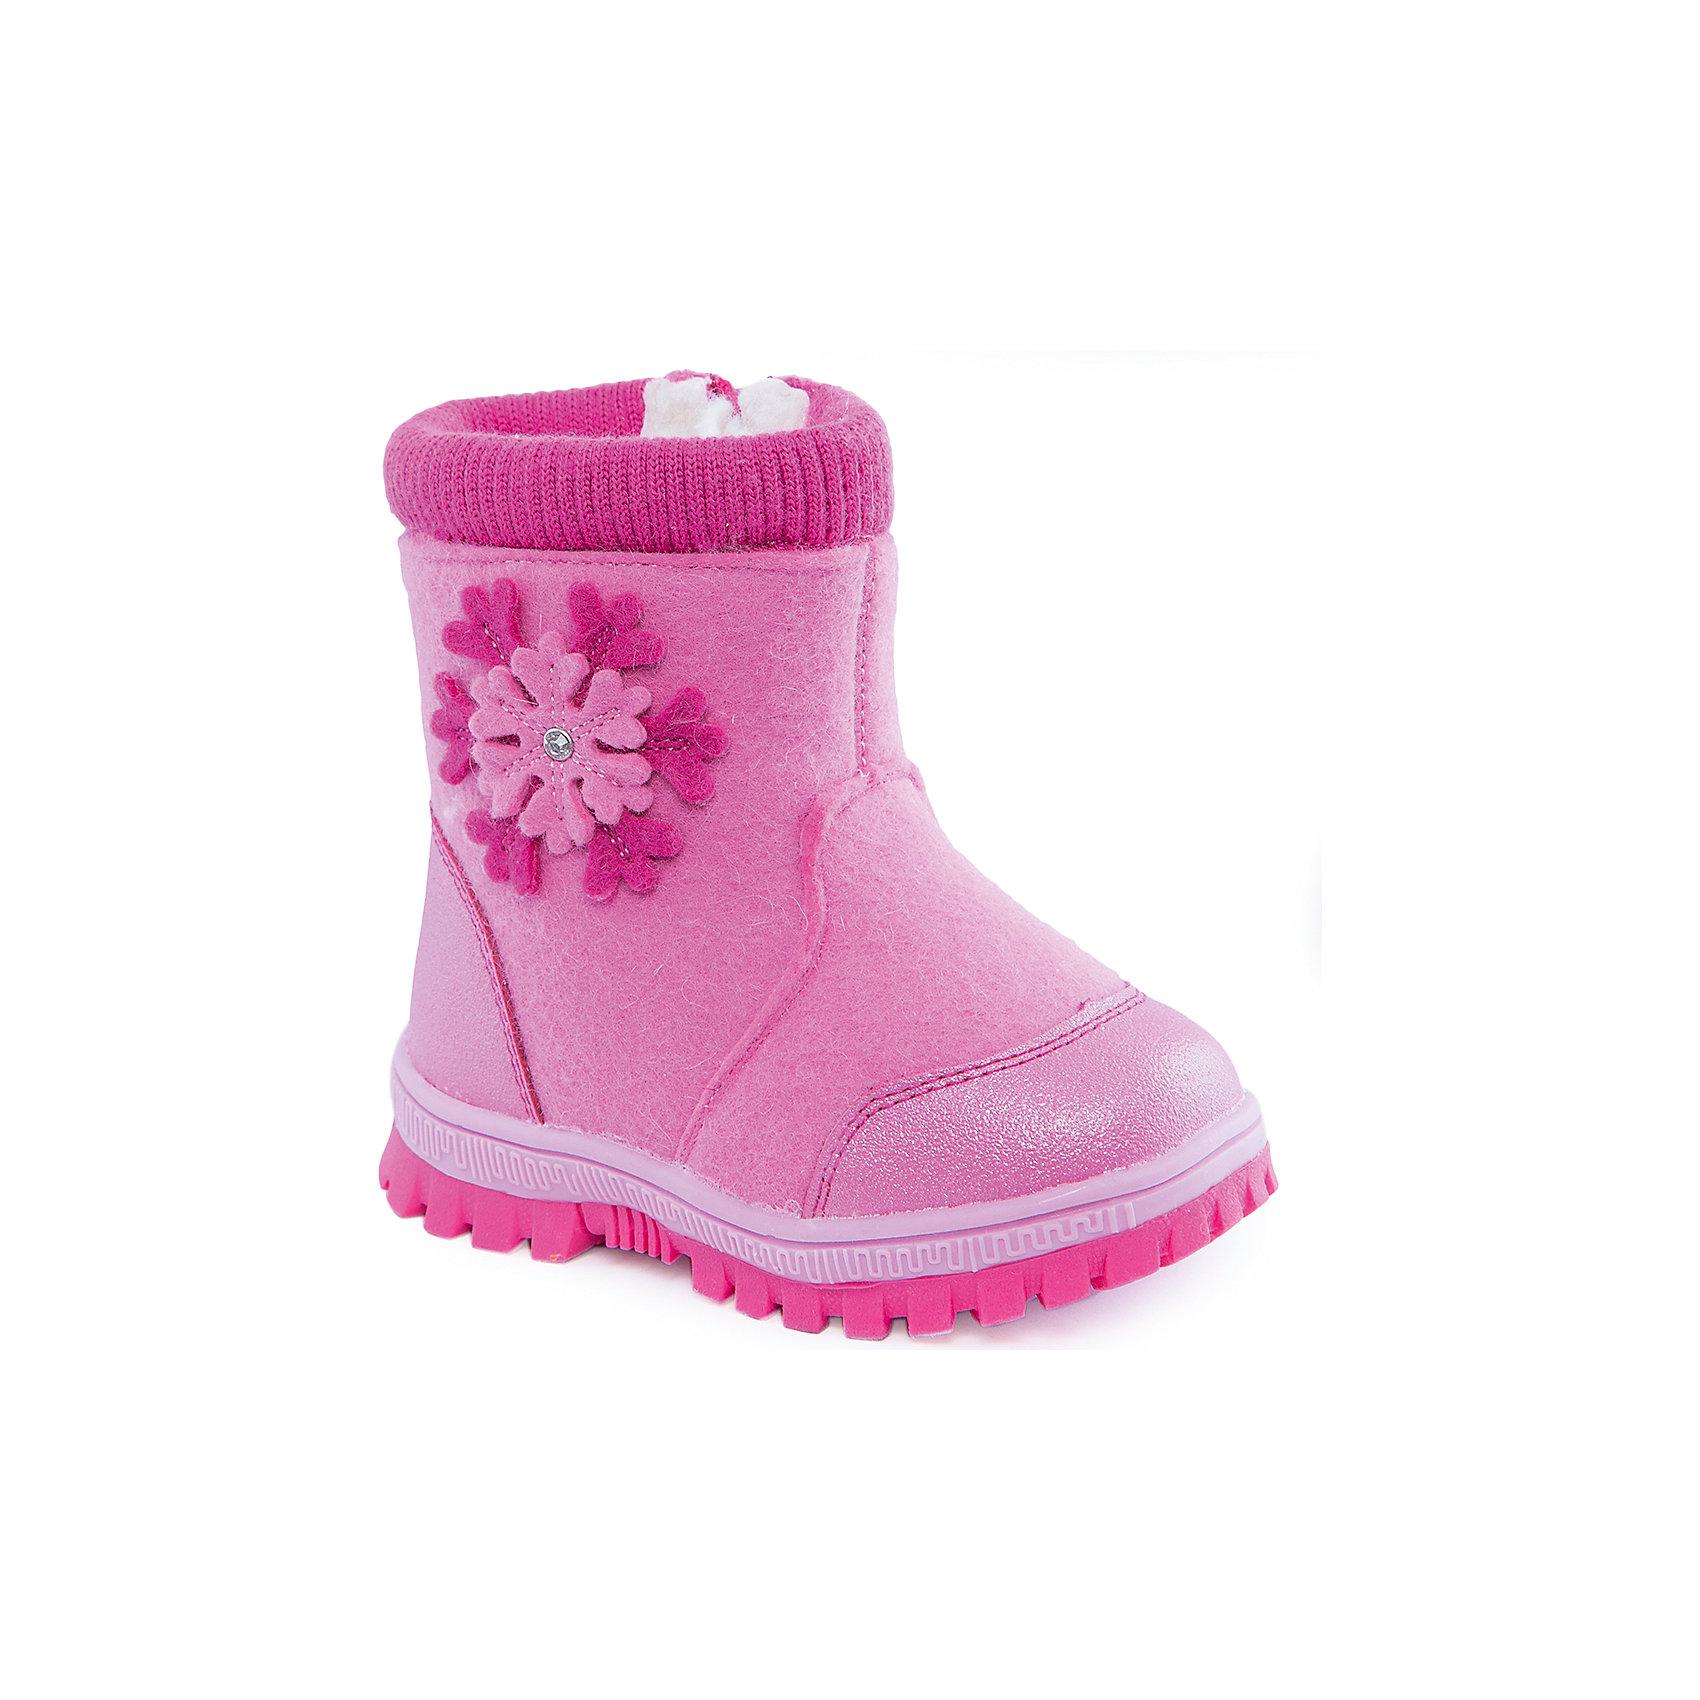 Валенки для девочки Indigo kidsВаленки<br>Валенки для девочки от известного  бренда Indigo kids<br><br>Теплые удобные валенки помогут защитить детские ножки от сырости и холода. Они легко надеваются, комфортно садятся по ноге.<br><br>Особенности модели:<br><br>- цвет - розовый;<br>- стильный дизайн;<br>- защита пятки и пальцев;<br>- удобная колодка;<br>- подкладка утепленная;<br>- страза, аппликация снежинка на голенище;<br>- устойчивая рифленая подошва;<br>- застежка - молния.<br><br>Дополнительная информация:<br><br>Температурный режим:<br><br>от -20° С до 0° С<br><br>Состав:<br><br>верх – войлок/кожа натуральная;<br>подкладка - шерсть.<br><br>Валенки для девочки Indigo kids (Индиго Кидс) можно купить в нашем магазине.<br><br>Ширина мм: 257<br>Глубина мм: 180<br>Высота мм: 130<br>Вес г: 420<br>Цвет: розовый<br>Возраст от месяцев: 24<br>Возраст до месяцев: 36<br>Пол: Женский<br>Возраст: Детский<br>Размер: 26,24,23,25,22,21<br>SKU: 4340454